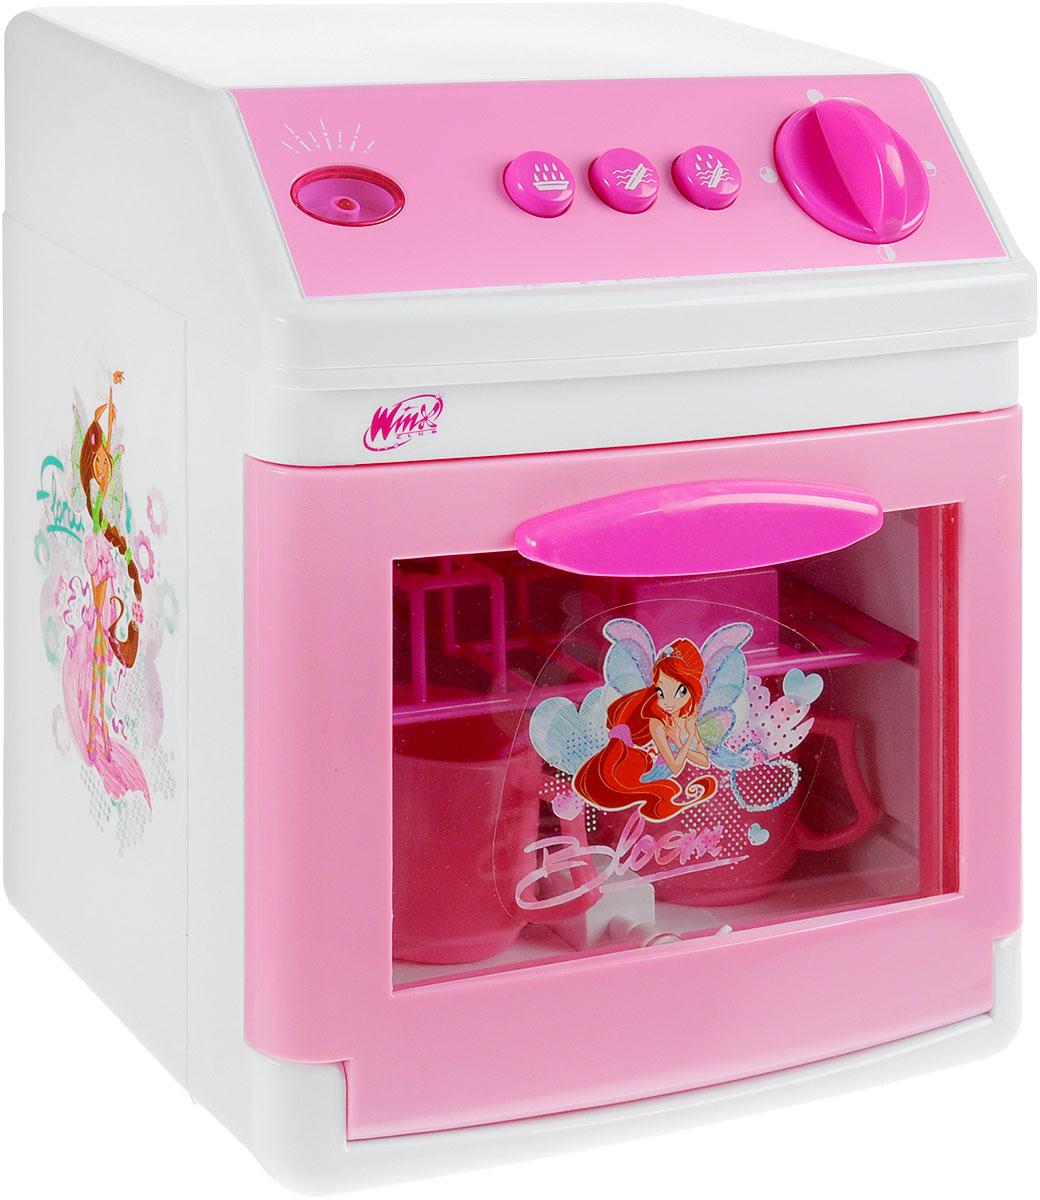 Играем вместе Игрушечная посудомоечная машина Winx Club1602-RЗамечательная игрушечная посудомоечная машина Играем вместе Winx Club станет отличным подарком для вашей малышки. Если у нее не хватает времени вымыть игрушечную посуду, то она сможет воспользоваться этой чудесной техникой. Посудомоечная машина стилизована под всеми любимый мультфильм о феях Винкс, имеет звуковые и световые эффекты. А также в ней может использоваться вода. Пусть ваша девочка почувствует себя настоящей хозяйкой с такой отличной игрушкой. В набор также входит пластиковая посуда. Рекомендуется докупить 3 батарейки напряжением 1,5V типа АА (товар комплектуется демонстрационными).